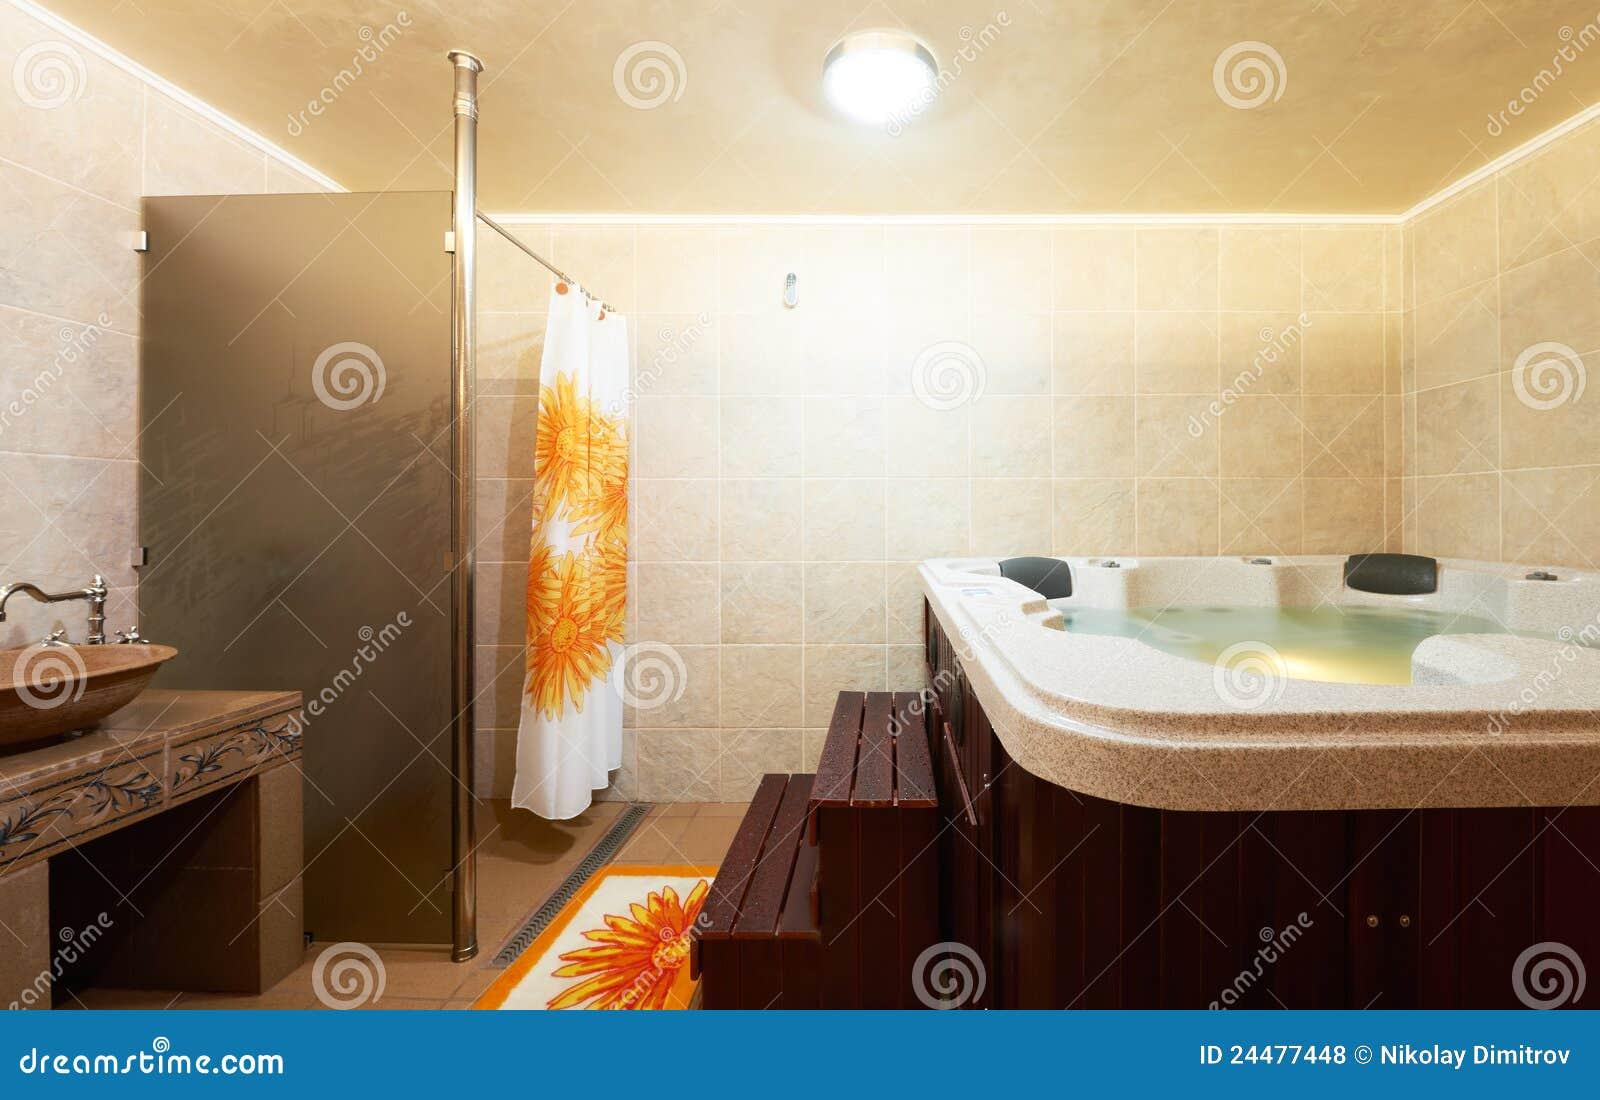 Salle De Bains Moderne Avec Le Jacuzzi Photo stock - Image du ...